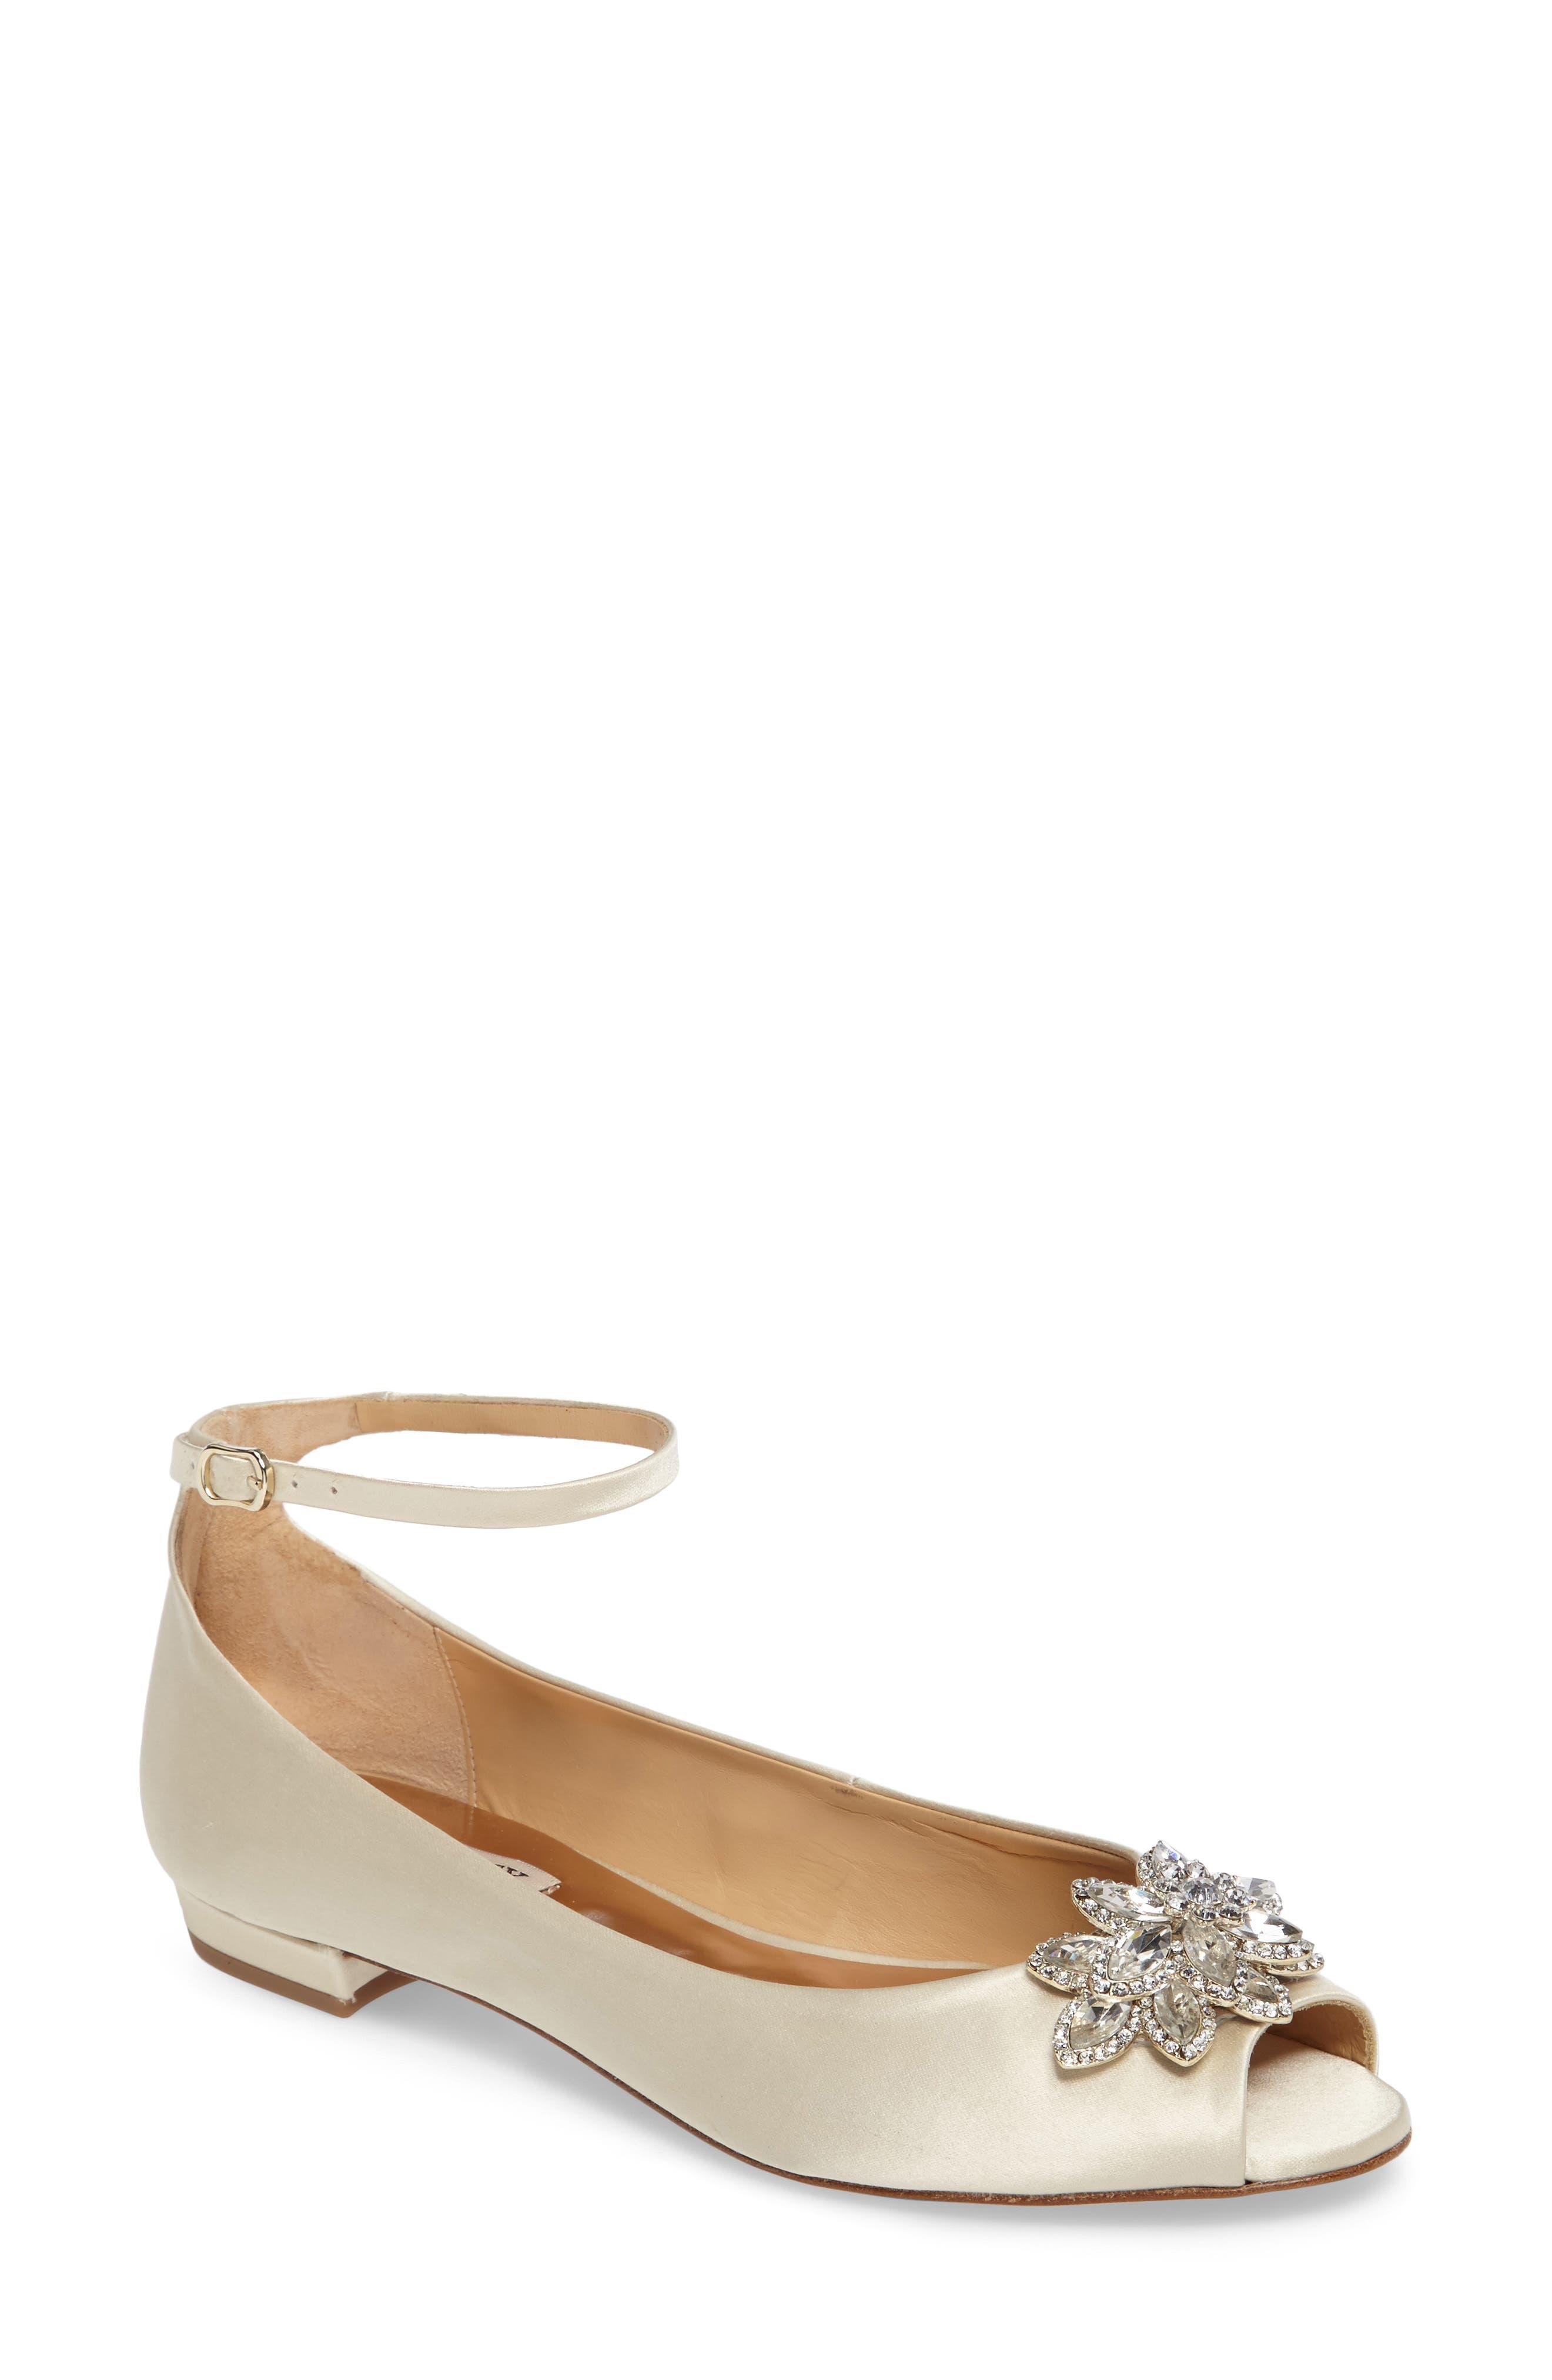 BADGLEY MISCHKA Kaidence Embellished Peep-Toe Flat